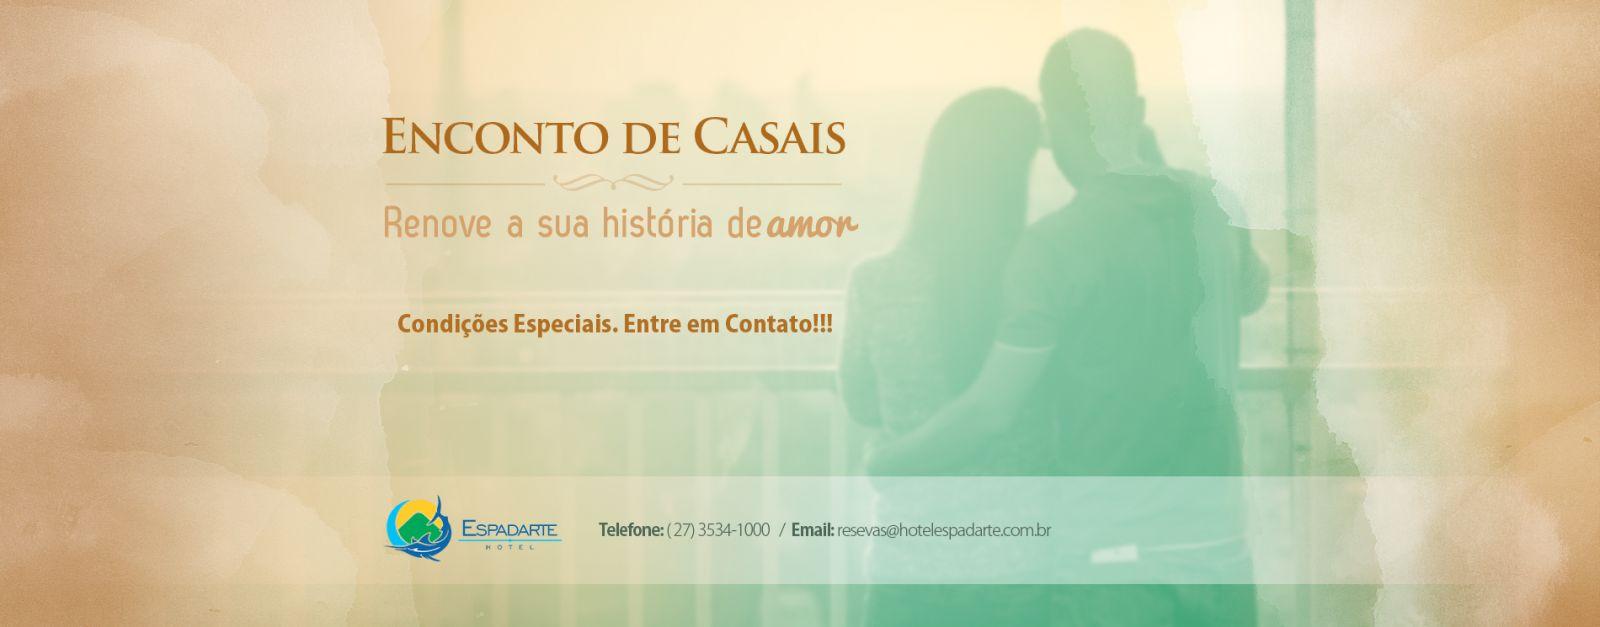 encontro_casais_1900x745